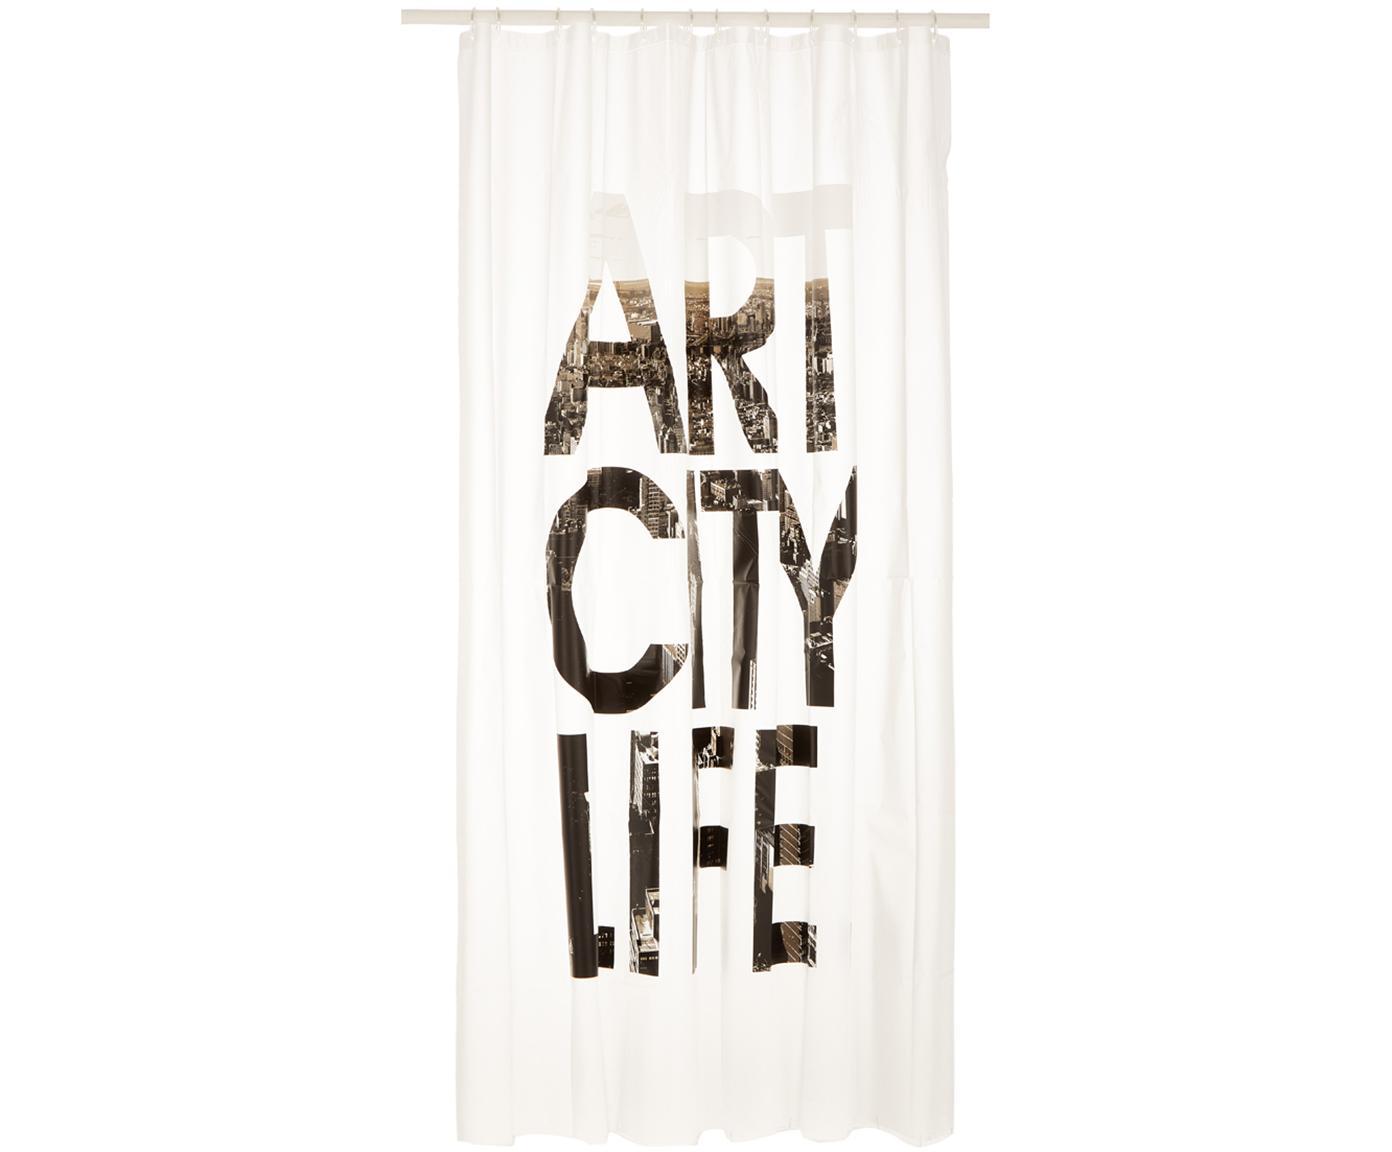 Duschvorhang Art City Life mit Schriftzug, Weiss, Schwarz, Grau, 180 x 200 cm